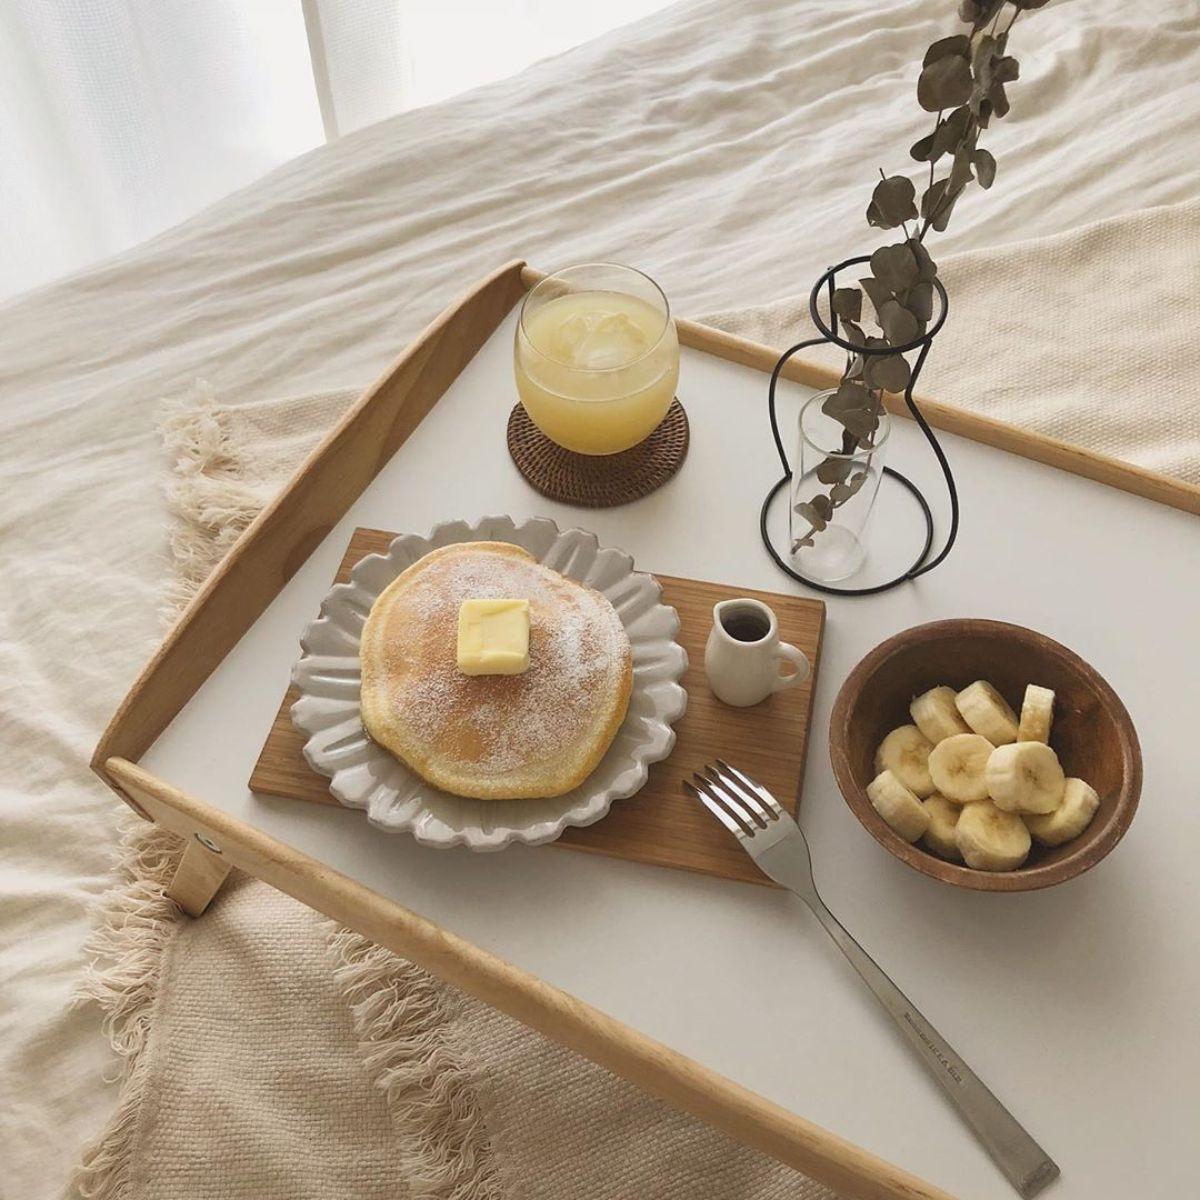 「布団から出たくない病」を抱えるあなたに。IKEAの【ベッドトレイ】が夢の朝食を叶えてくれました♡